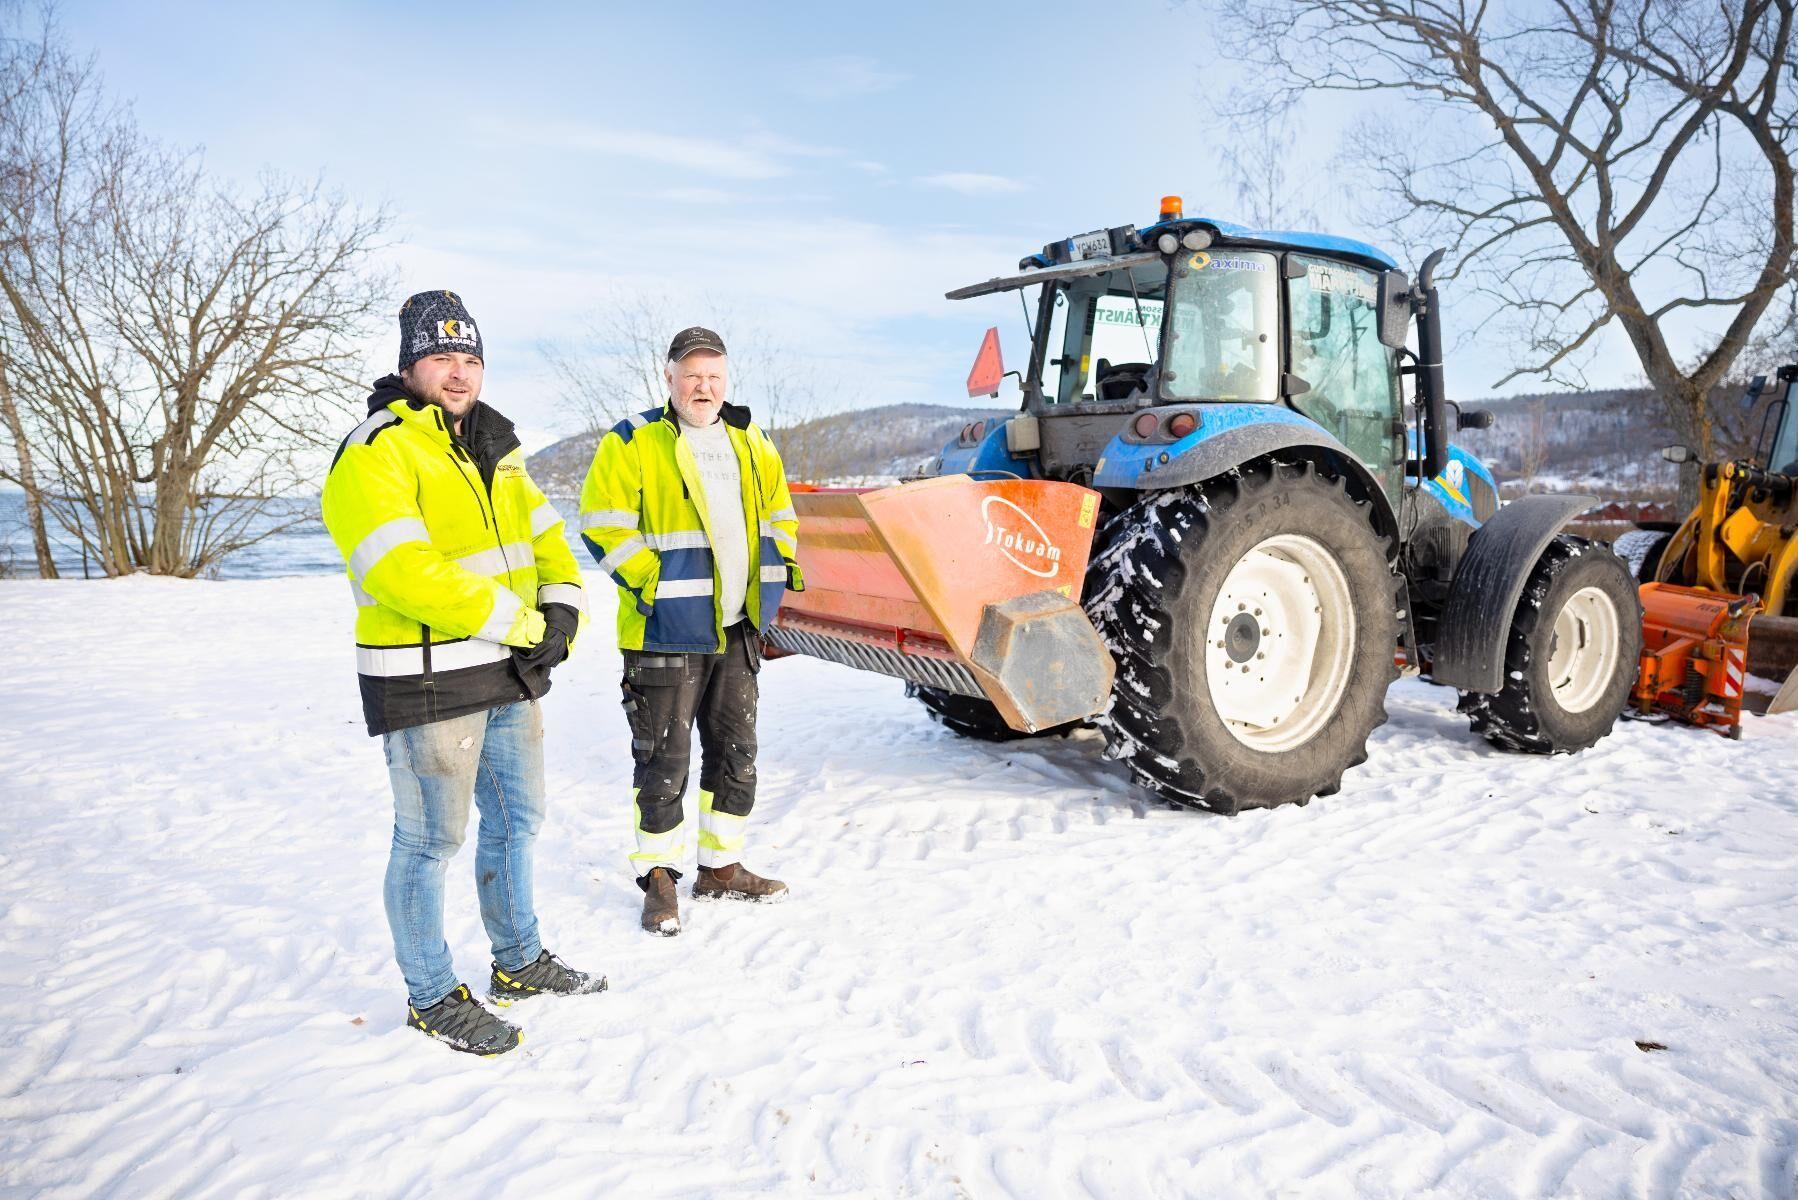 Marcus Gustafssons företag blev årets Gasellvinnare i Jönköpings län i Dagens Industris tävling om vilka företag som haft bäst utveckling de senaste åren. Johan Magnusson (till höger) kör traktor för företaget.